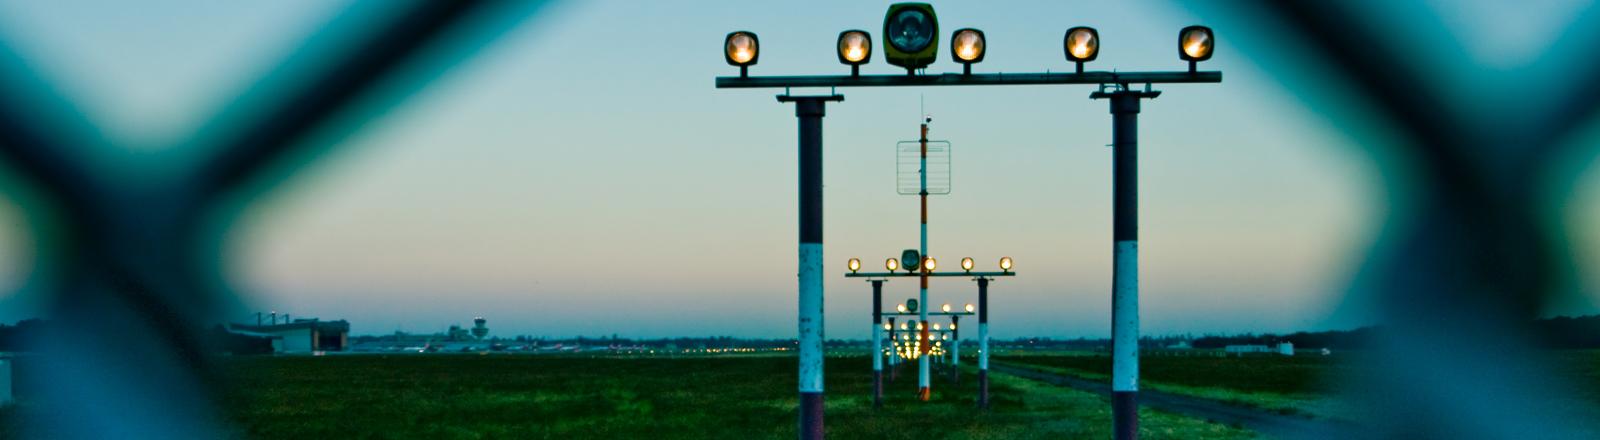 Flughafen-Rollfeld mit Beleuchtung